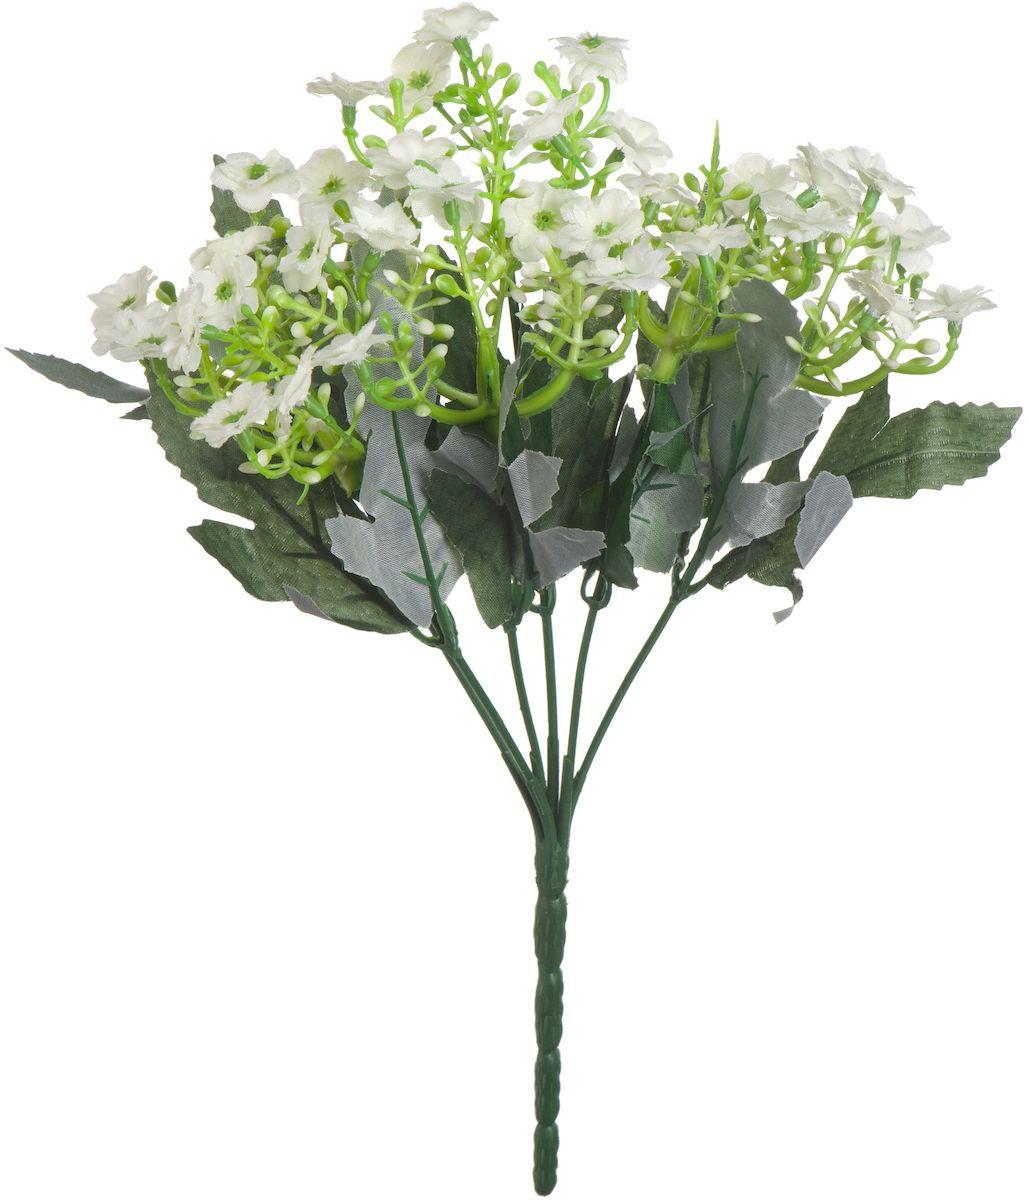 Цветы искусственные Engard Орхидея, цвет: белый, 23 см531-105Искусственные цветы Engard - это популярное дизайнерское решение для создания природного колорита и индивидуальности в интерьере. Искусственные цветы сделаны из высококачественного материала передающего неповторимую естественность и легкость. Не требует постоянного ухода. Цвет: розовый/желтый/сиреневый/белый.Размер: 23 см.